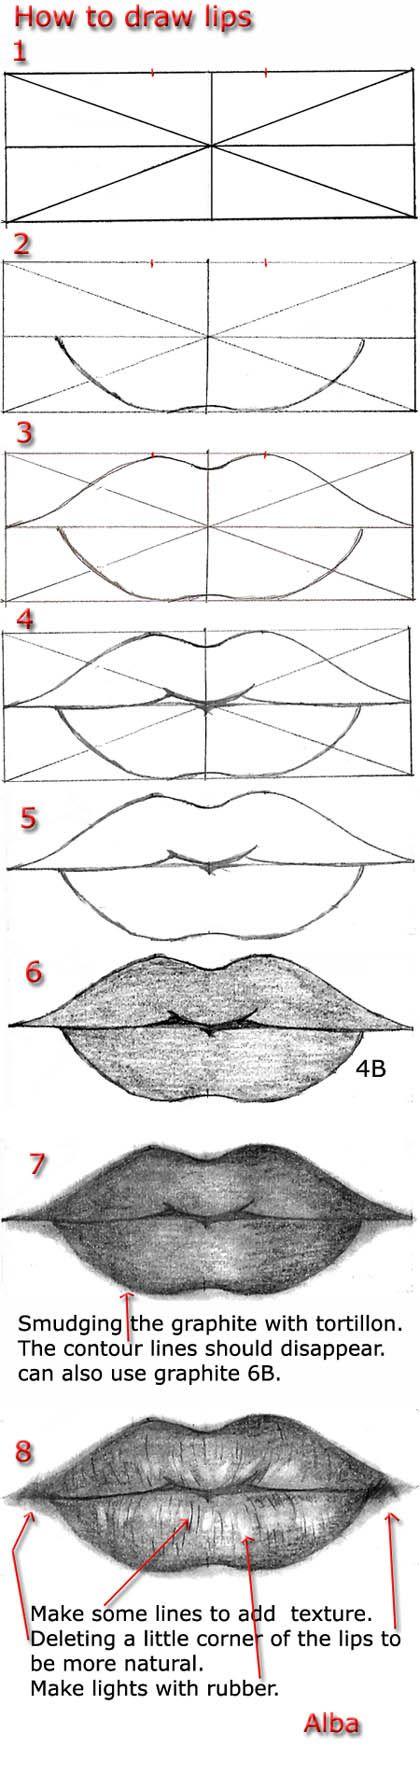 Dibujar Unos Labios Tutorial Gezichten Tekenen Lippen Tekenen Ogen Tekenen